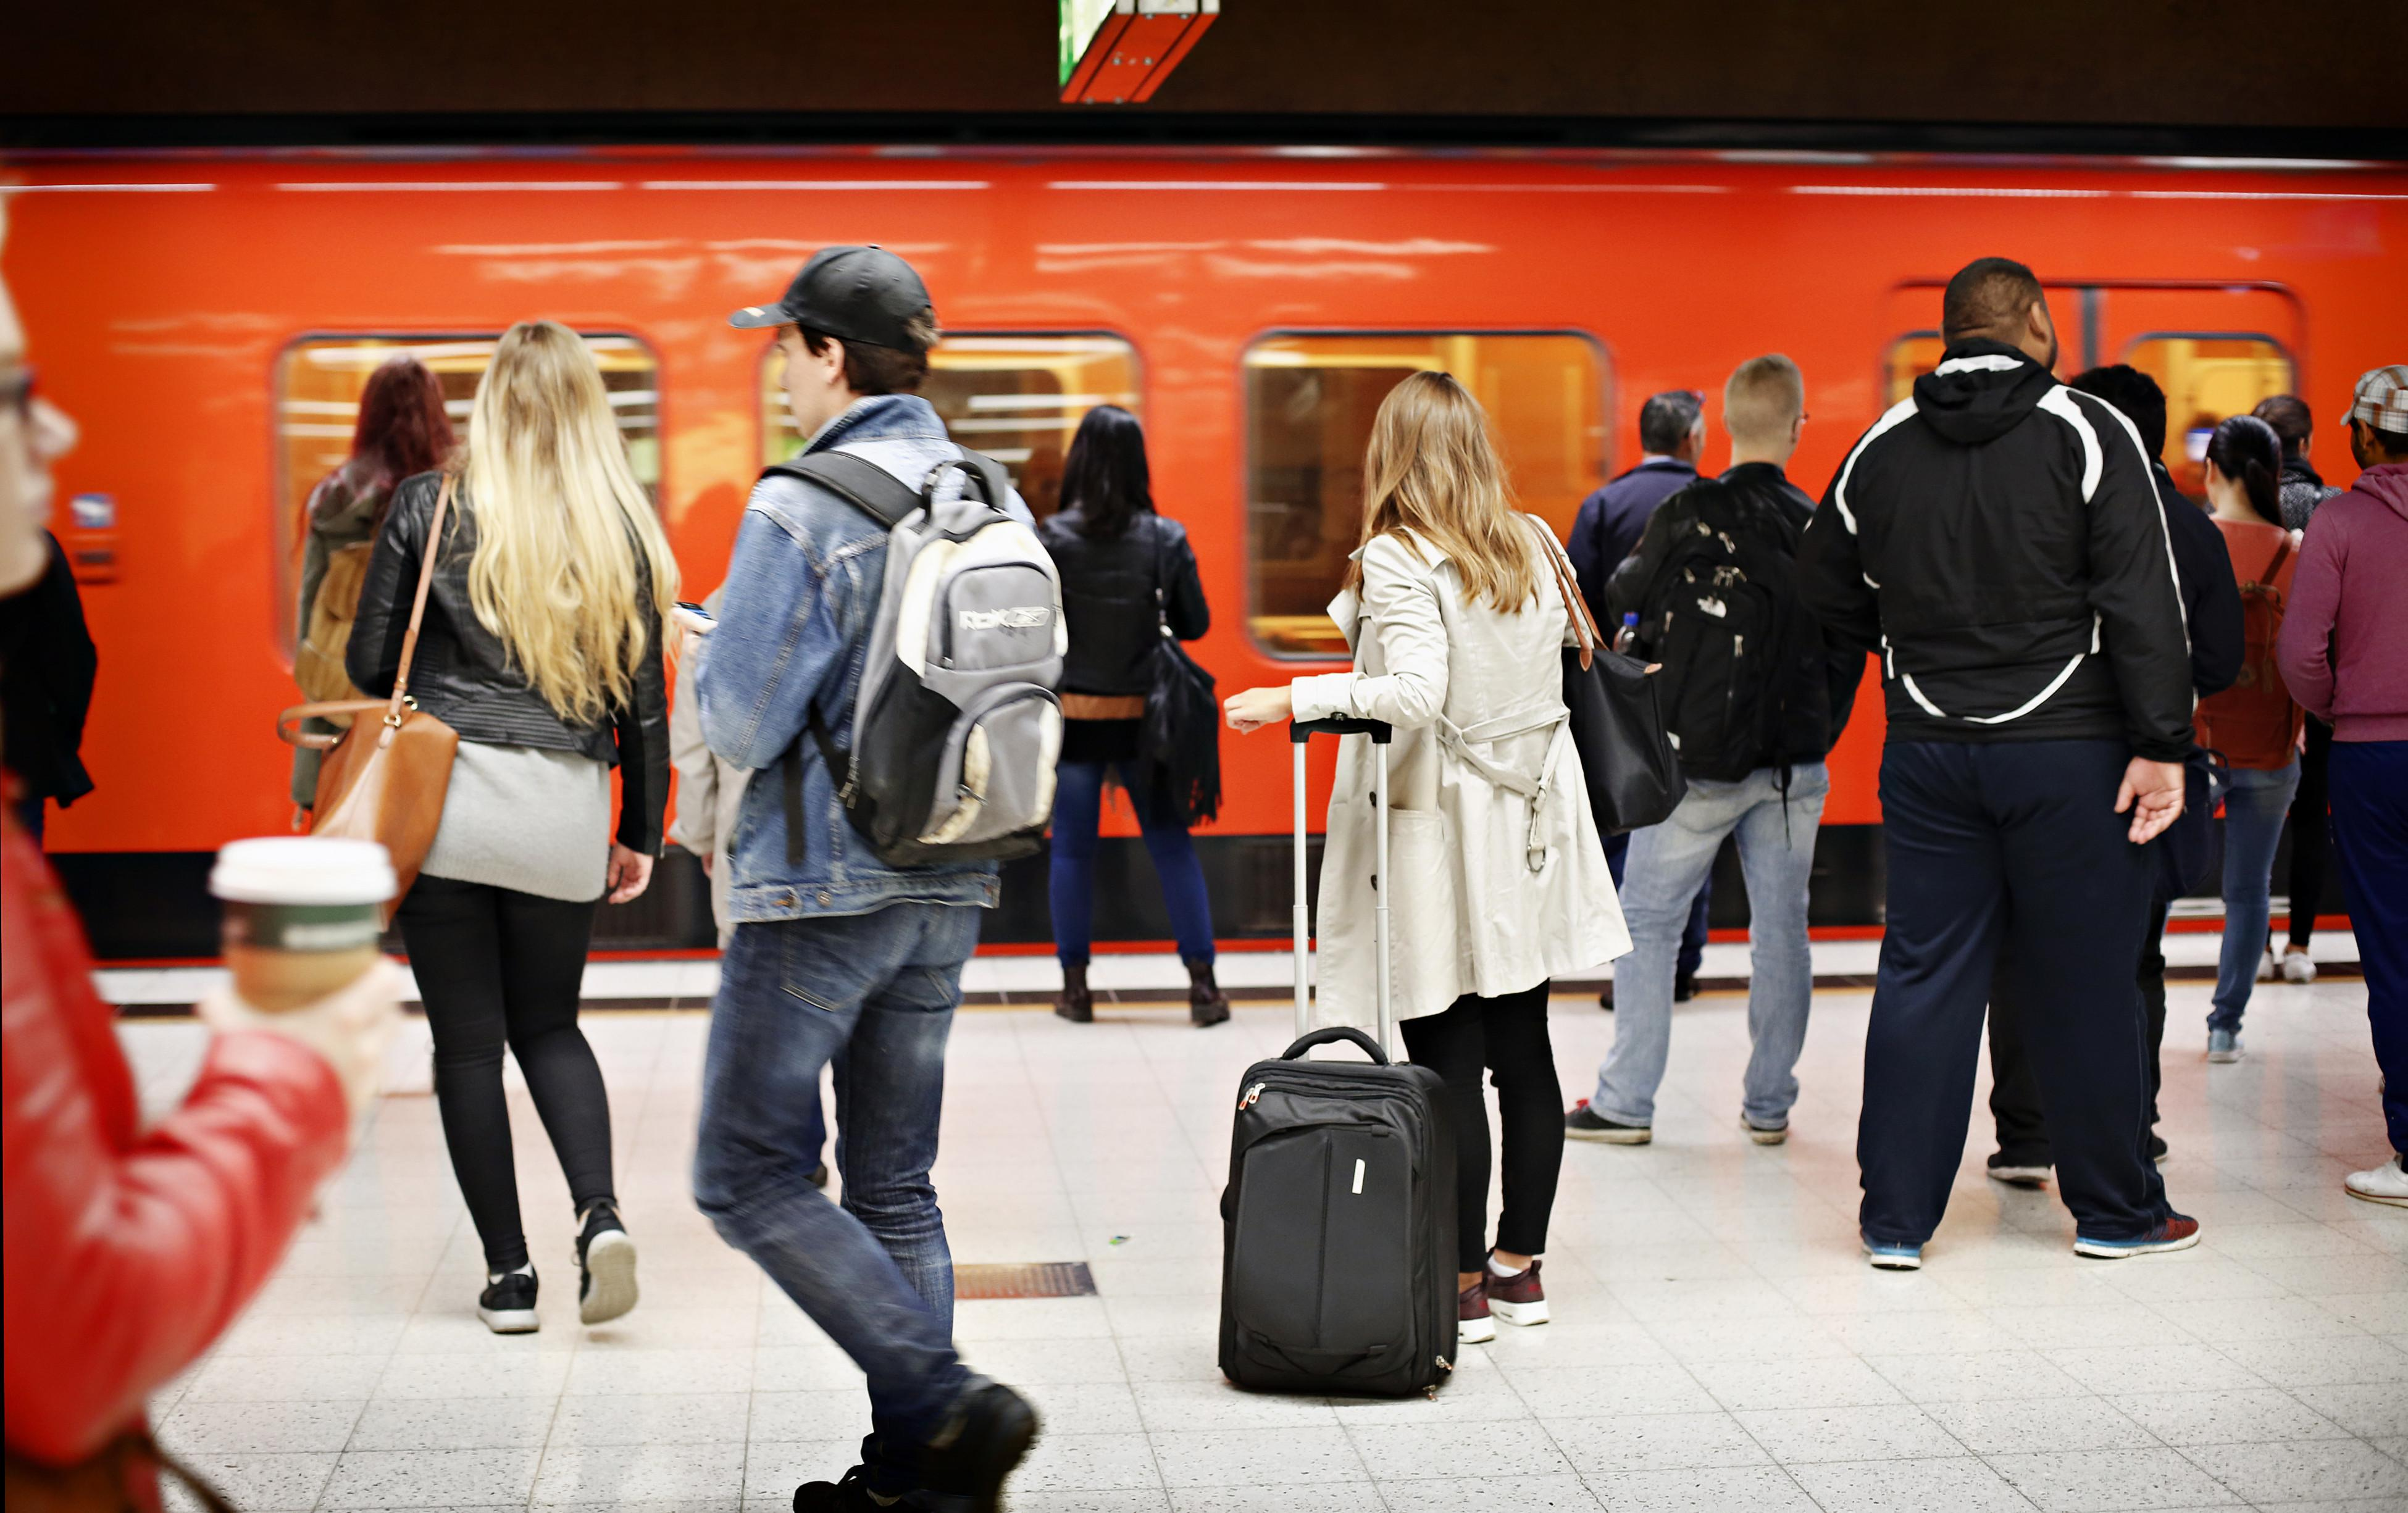 ihmisiä metroasemalla